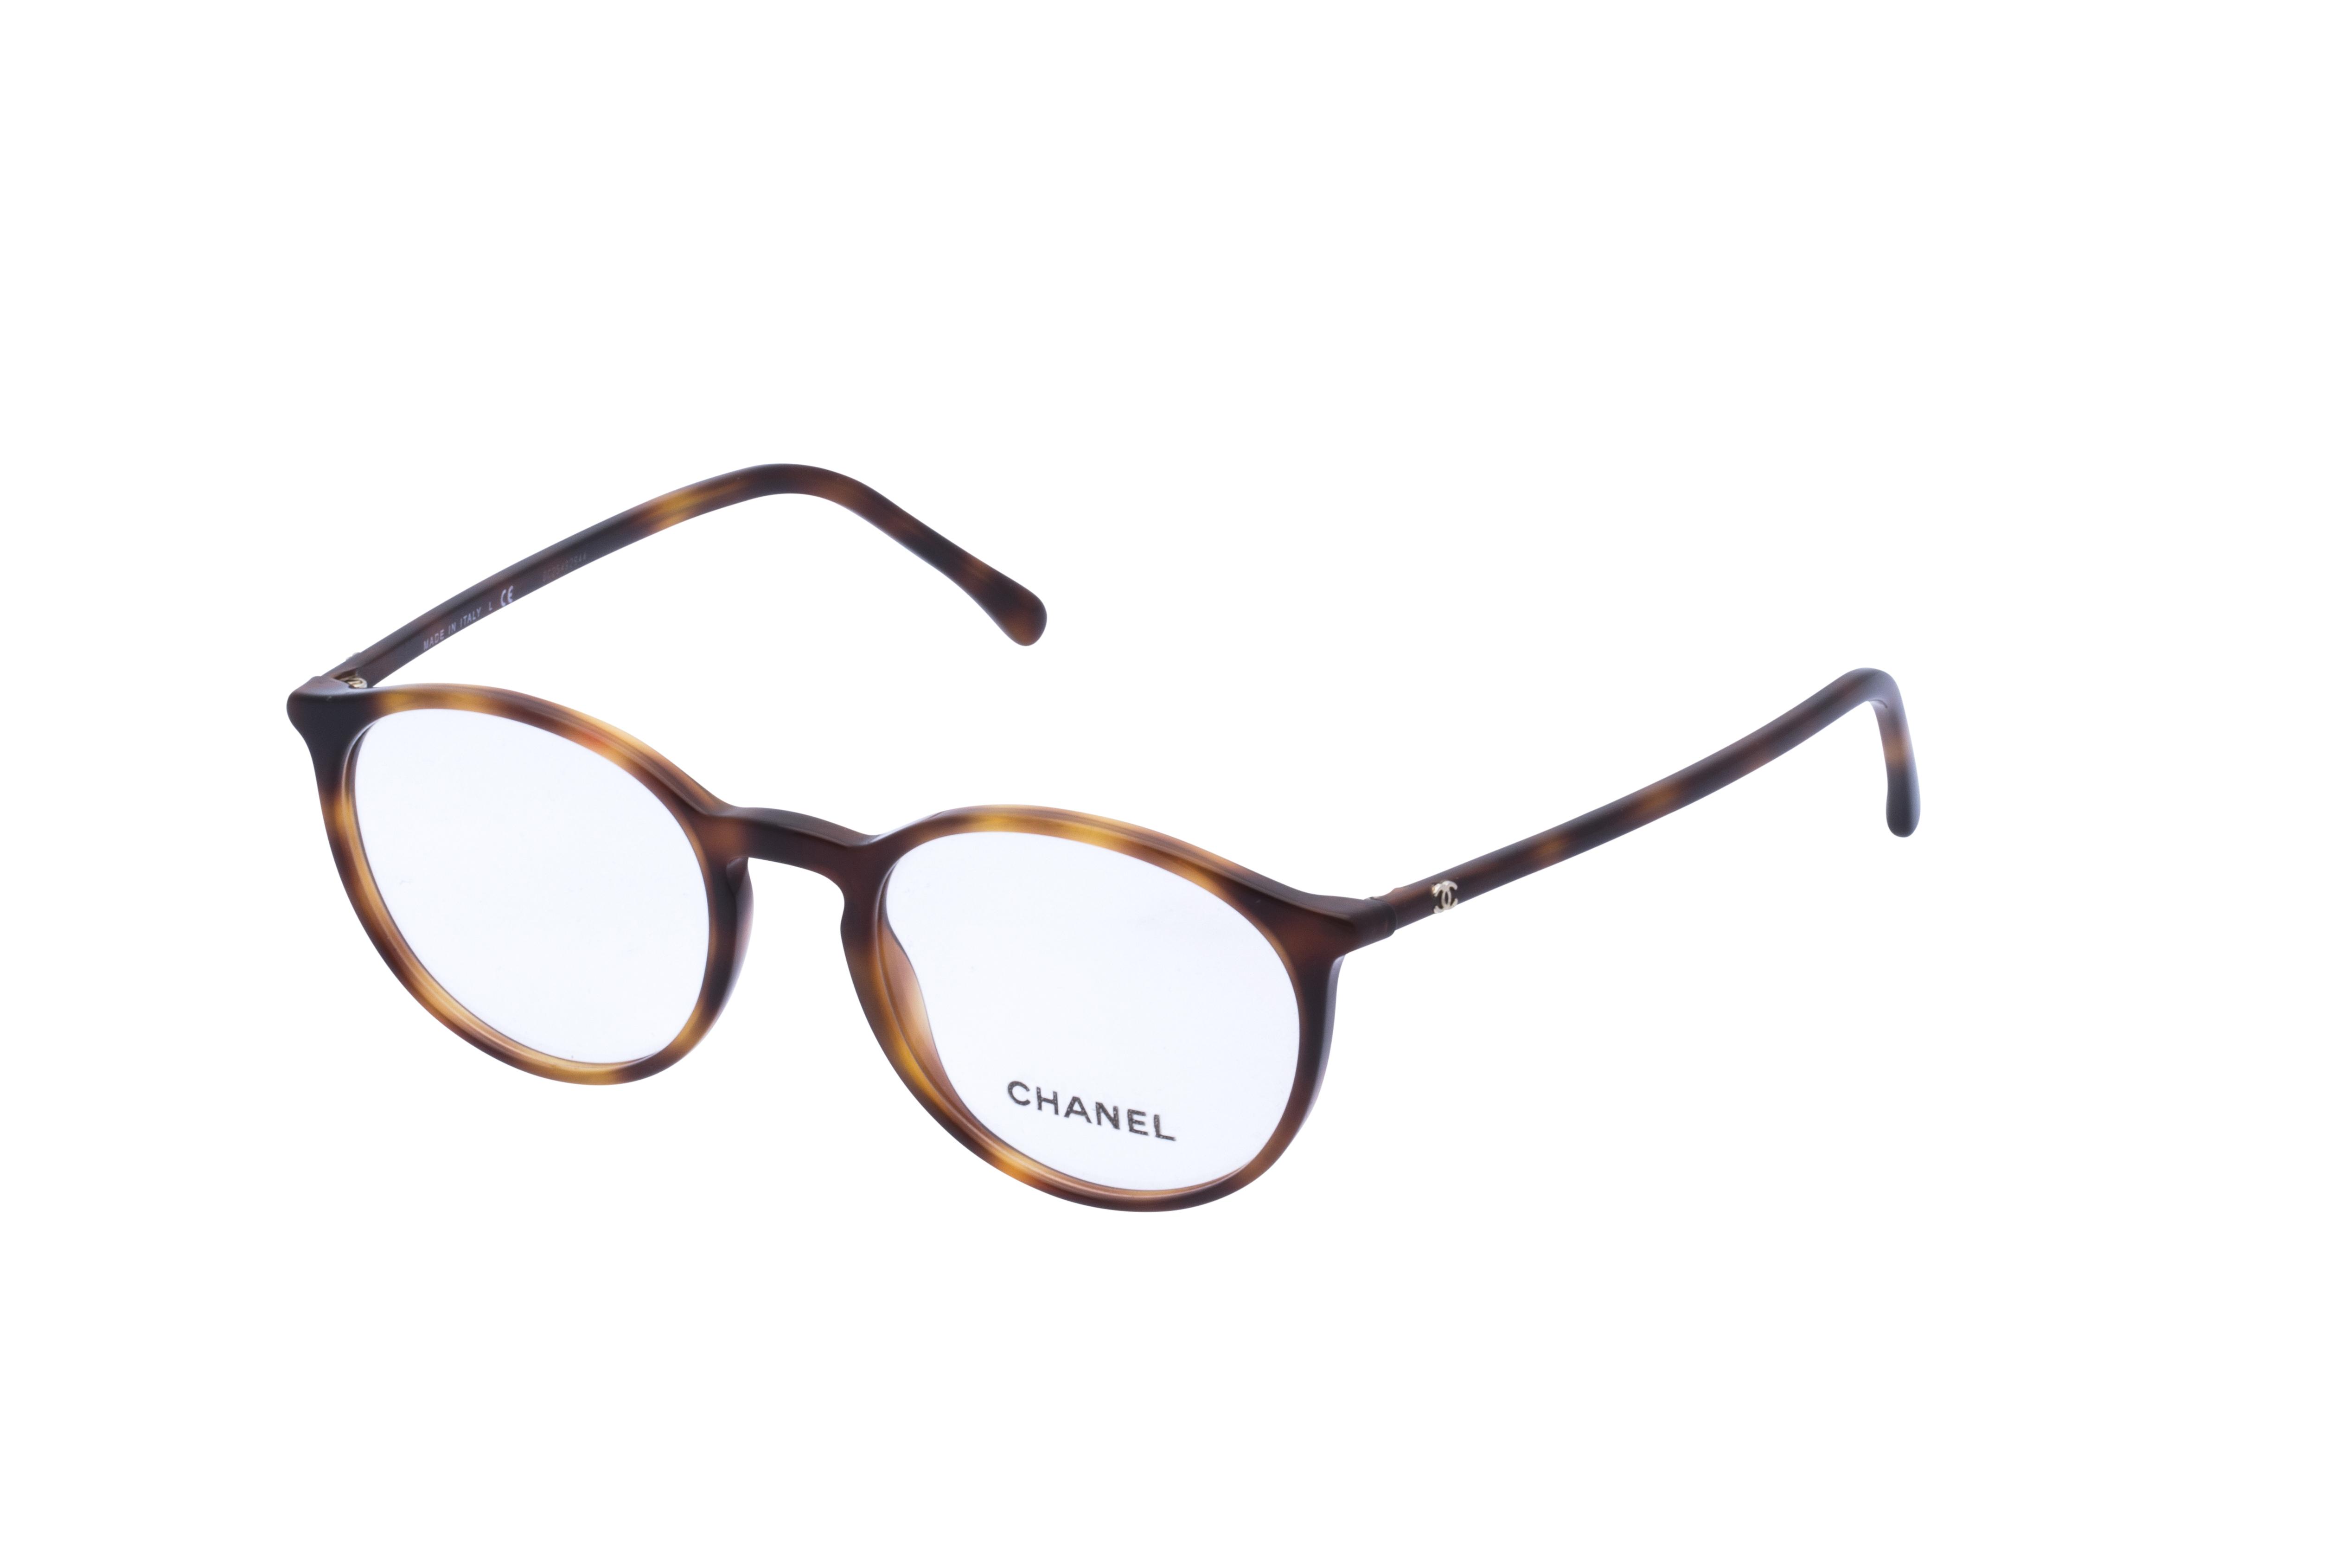 360 Grad Ansicht 22 Chanel 3372 Frontansicht, Brille auf Weiß - Fassung bei KUNK